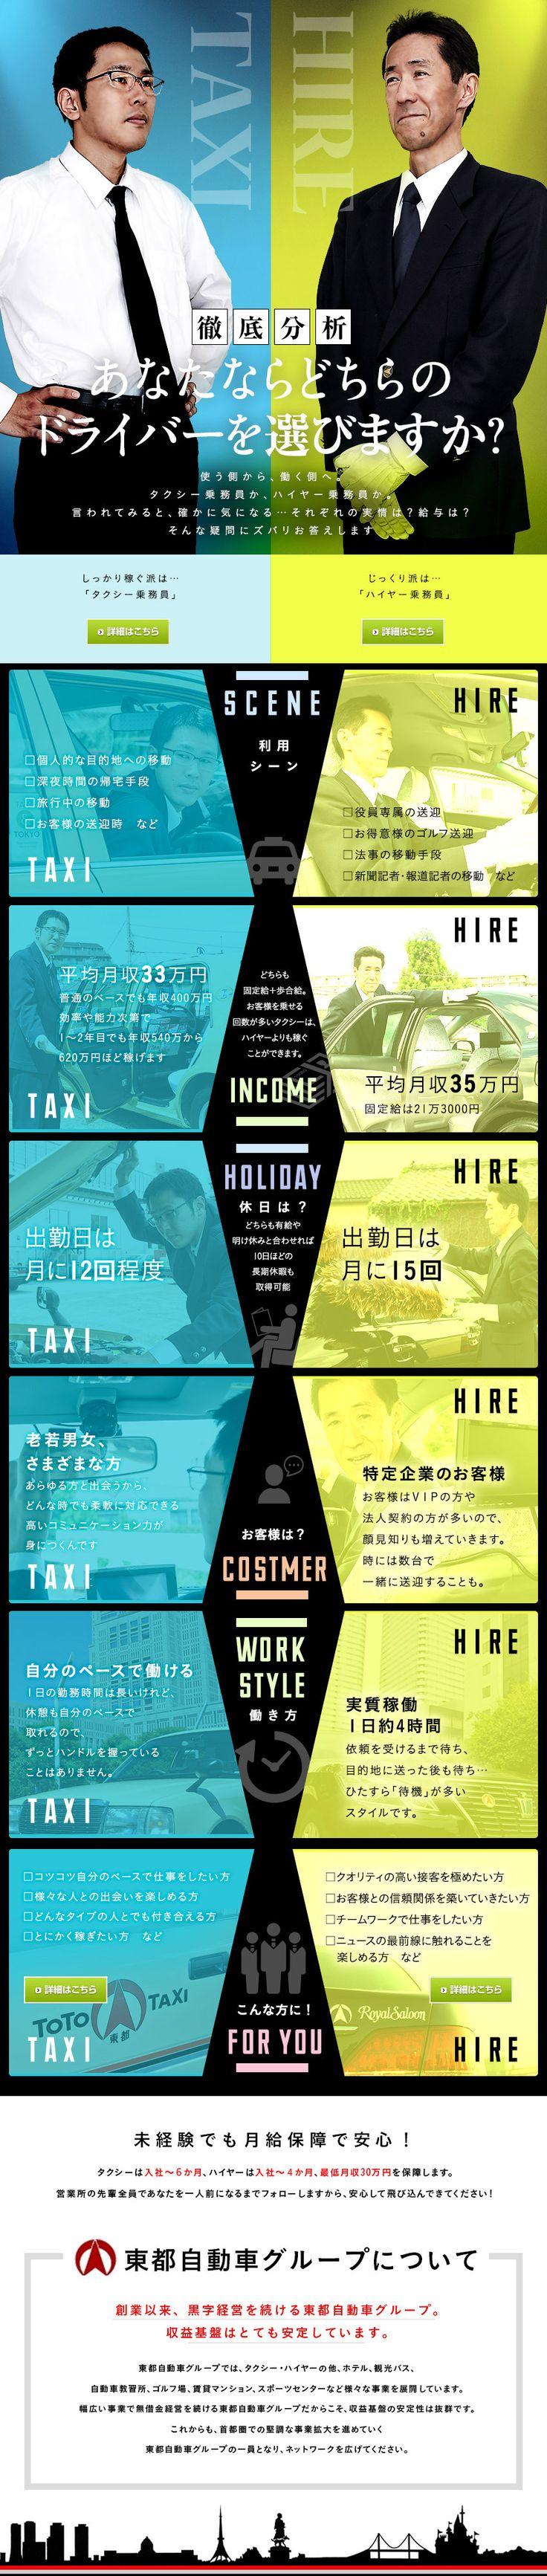 東都自動車グループ合同募集/タクシー乗務員/入社後6ヶ月間は最低月収30万円を保障!の求人PR - 転職ならDODA(デューダ)